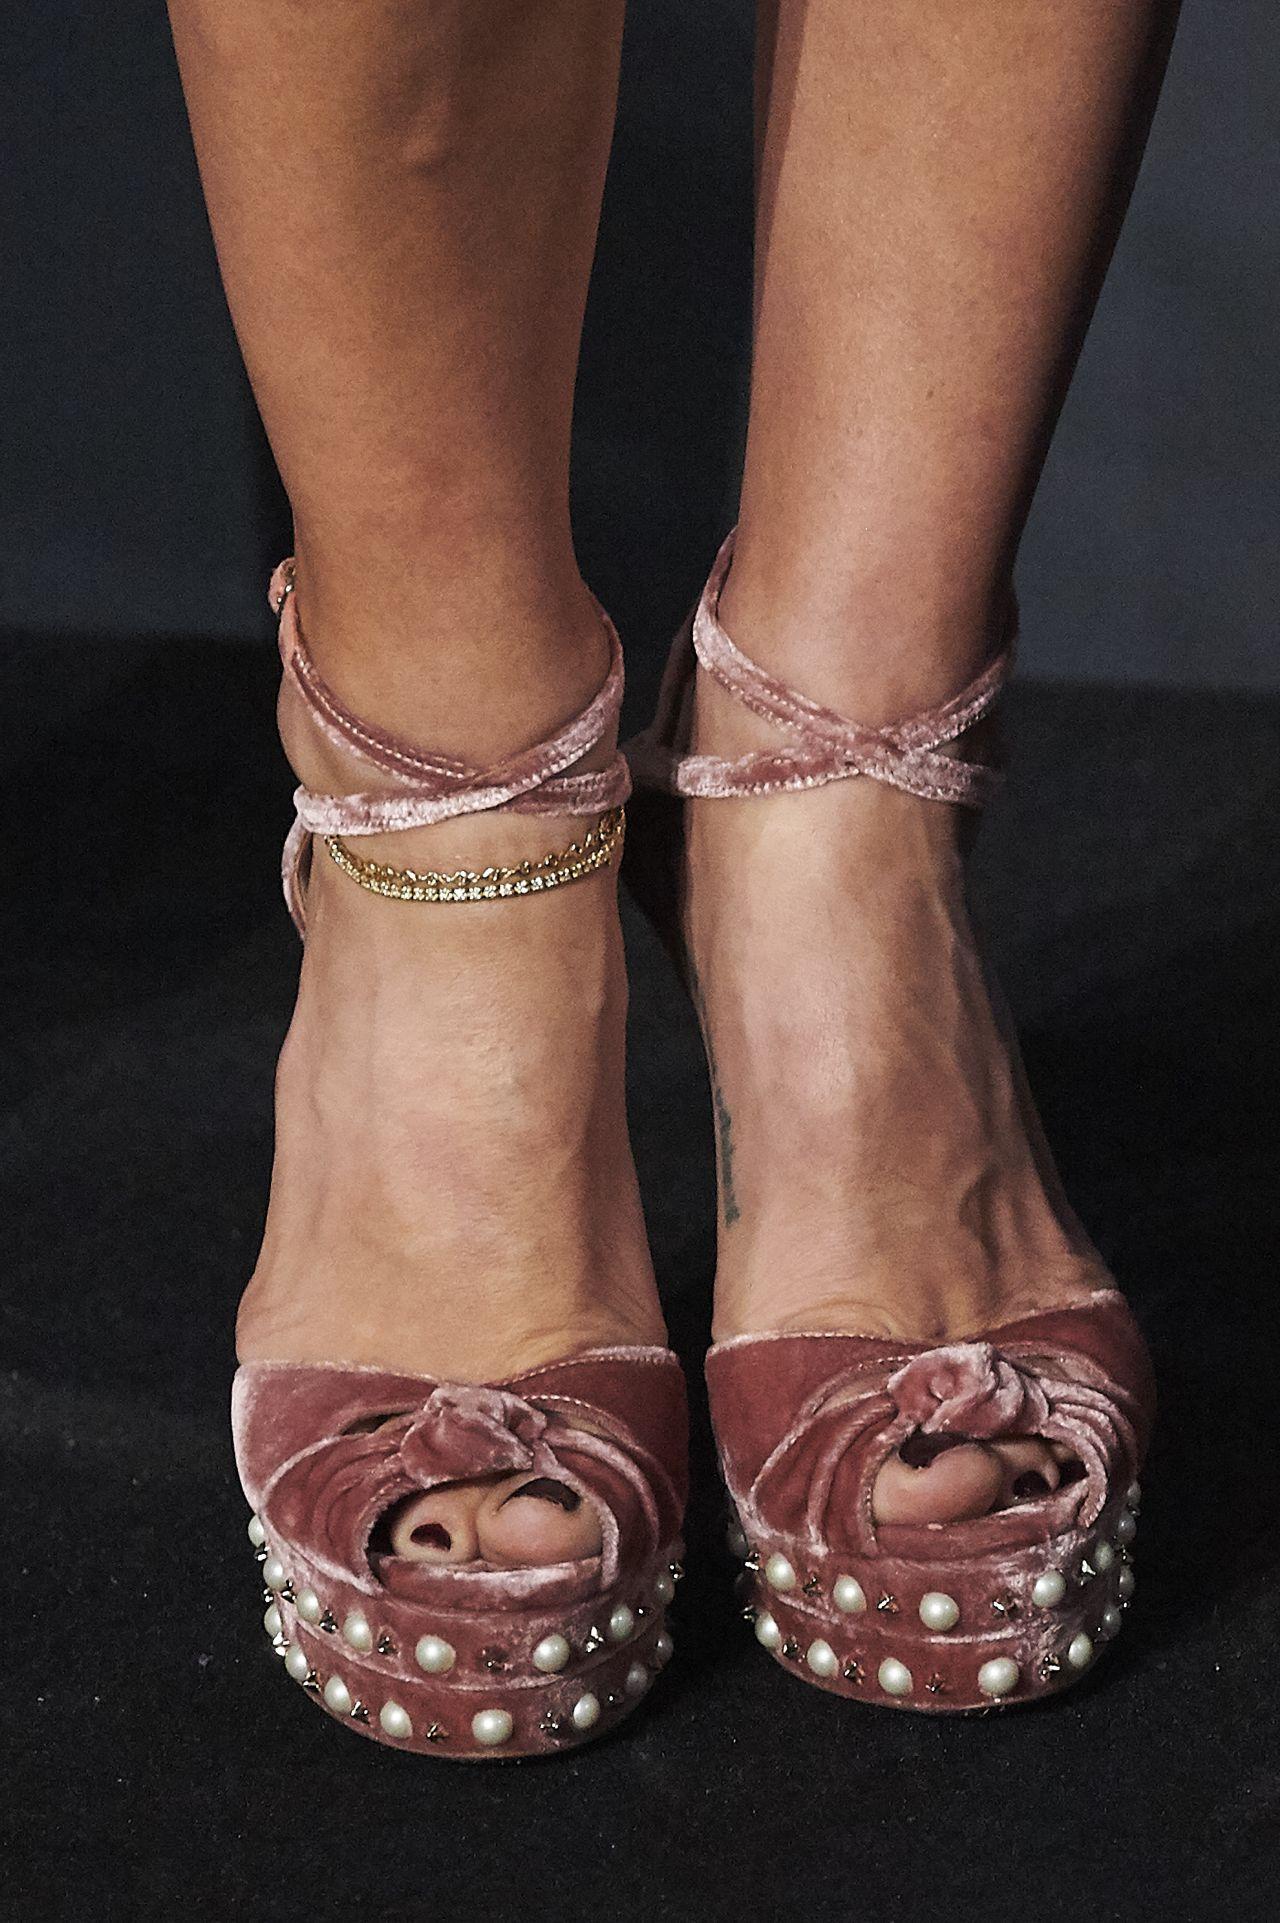 elsa pataky feet